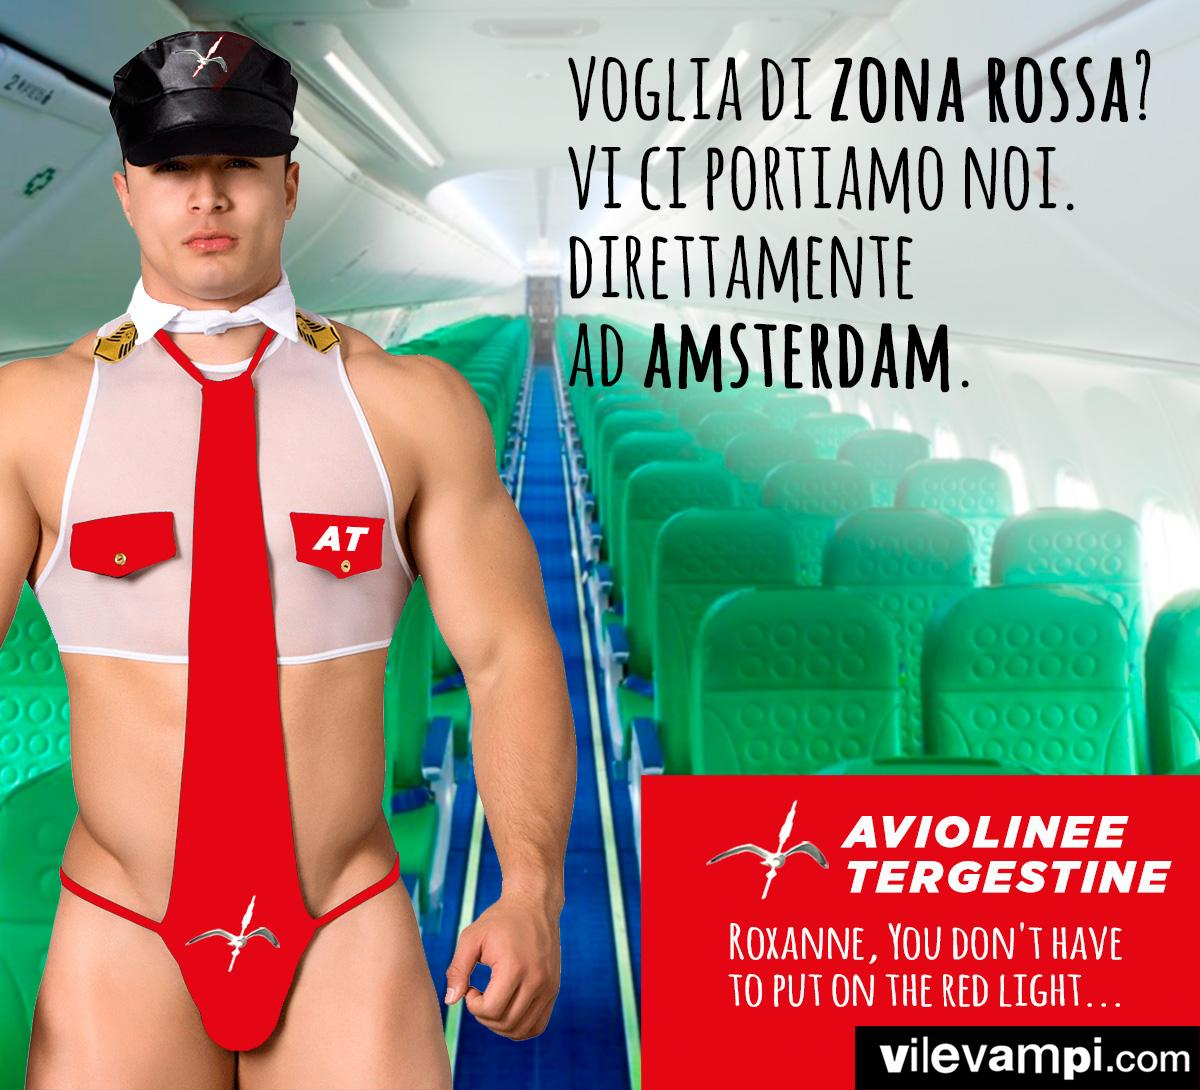 2021_Aviolinee_TS_Zona-rossa